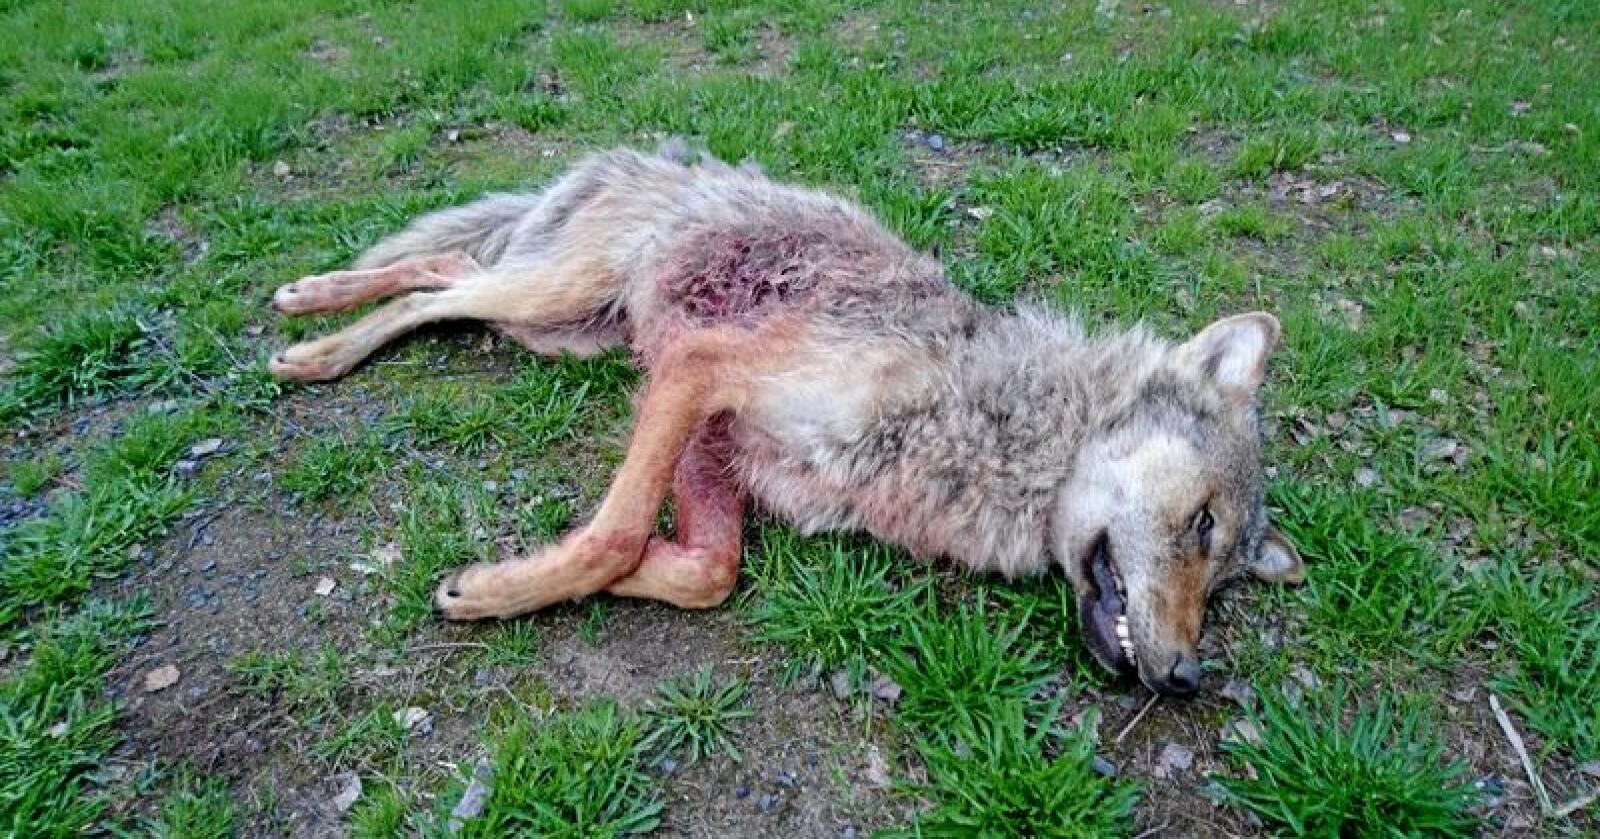 Flere innlandskommuner boikotter årets TV-aksjon på grunn av WFFs meninger om ulv i norsk natur. Men både Elverum og Trysil støtter TV-aksjonen. Ulven på bildet ble skutt i Elverum i 2019. Foto: Statens naturoppsyn